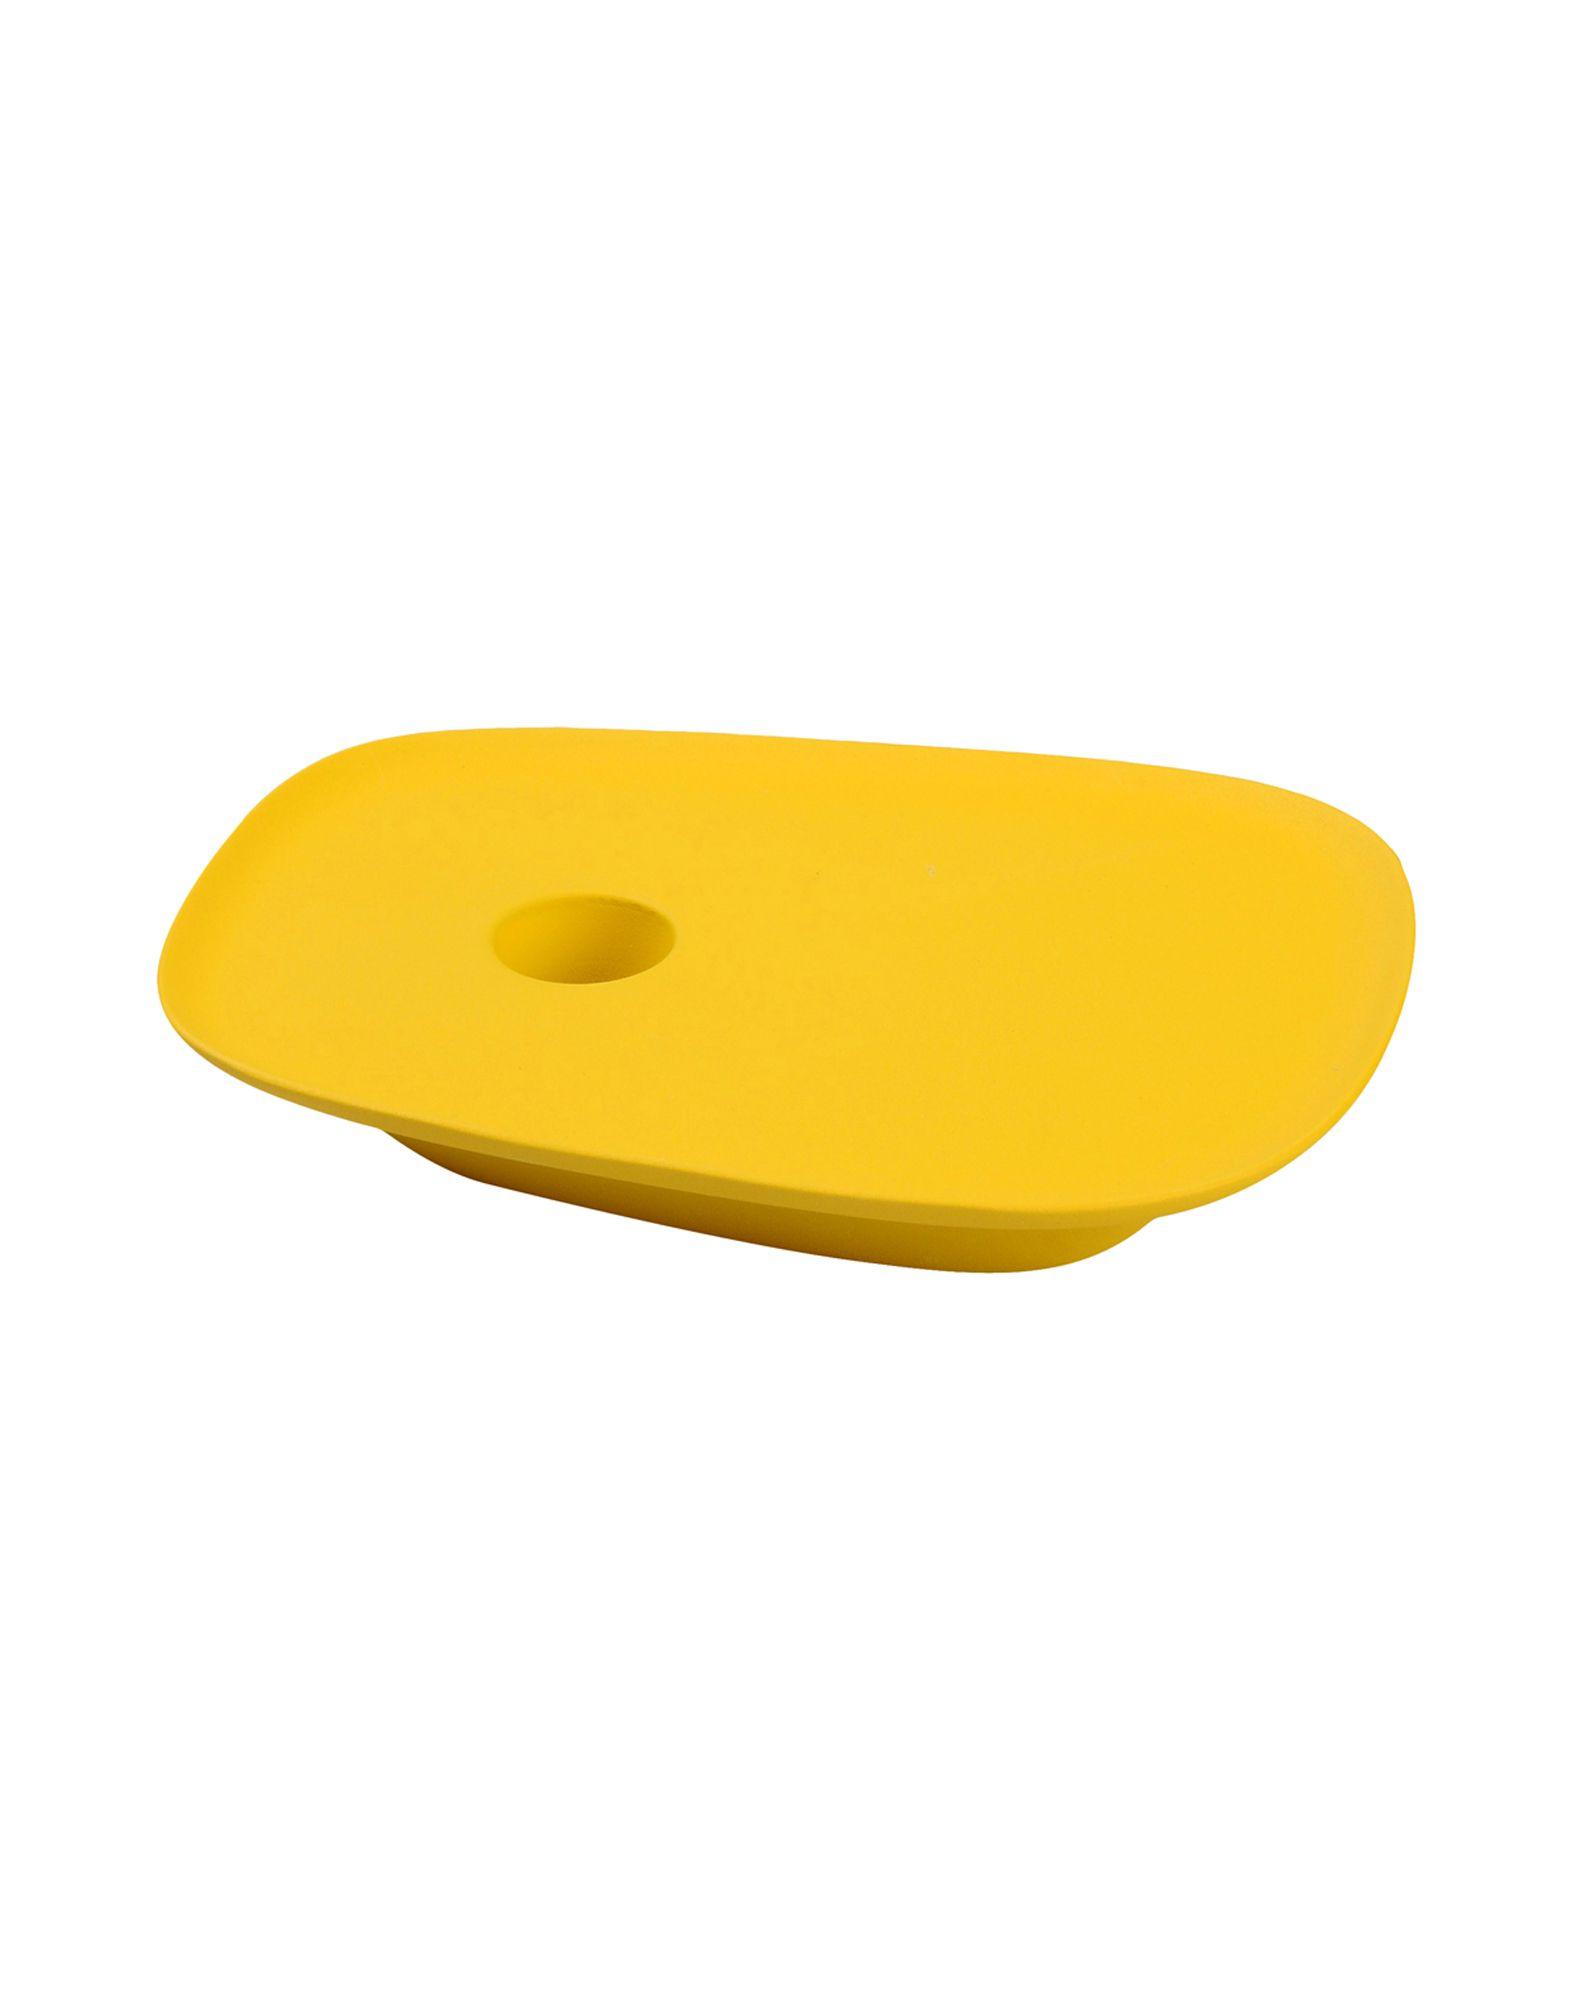 MUUTO Unisex Kerzenleuchter Farbe Gelb Größe 1